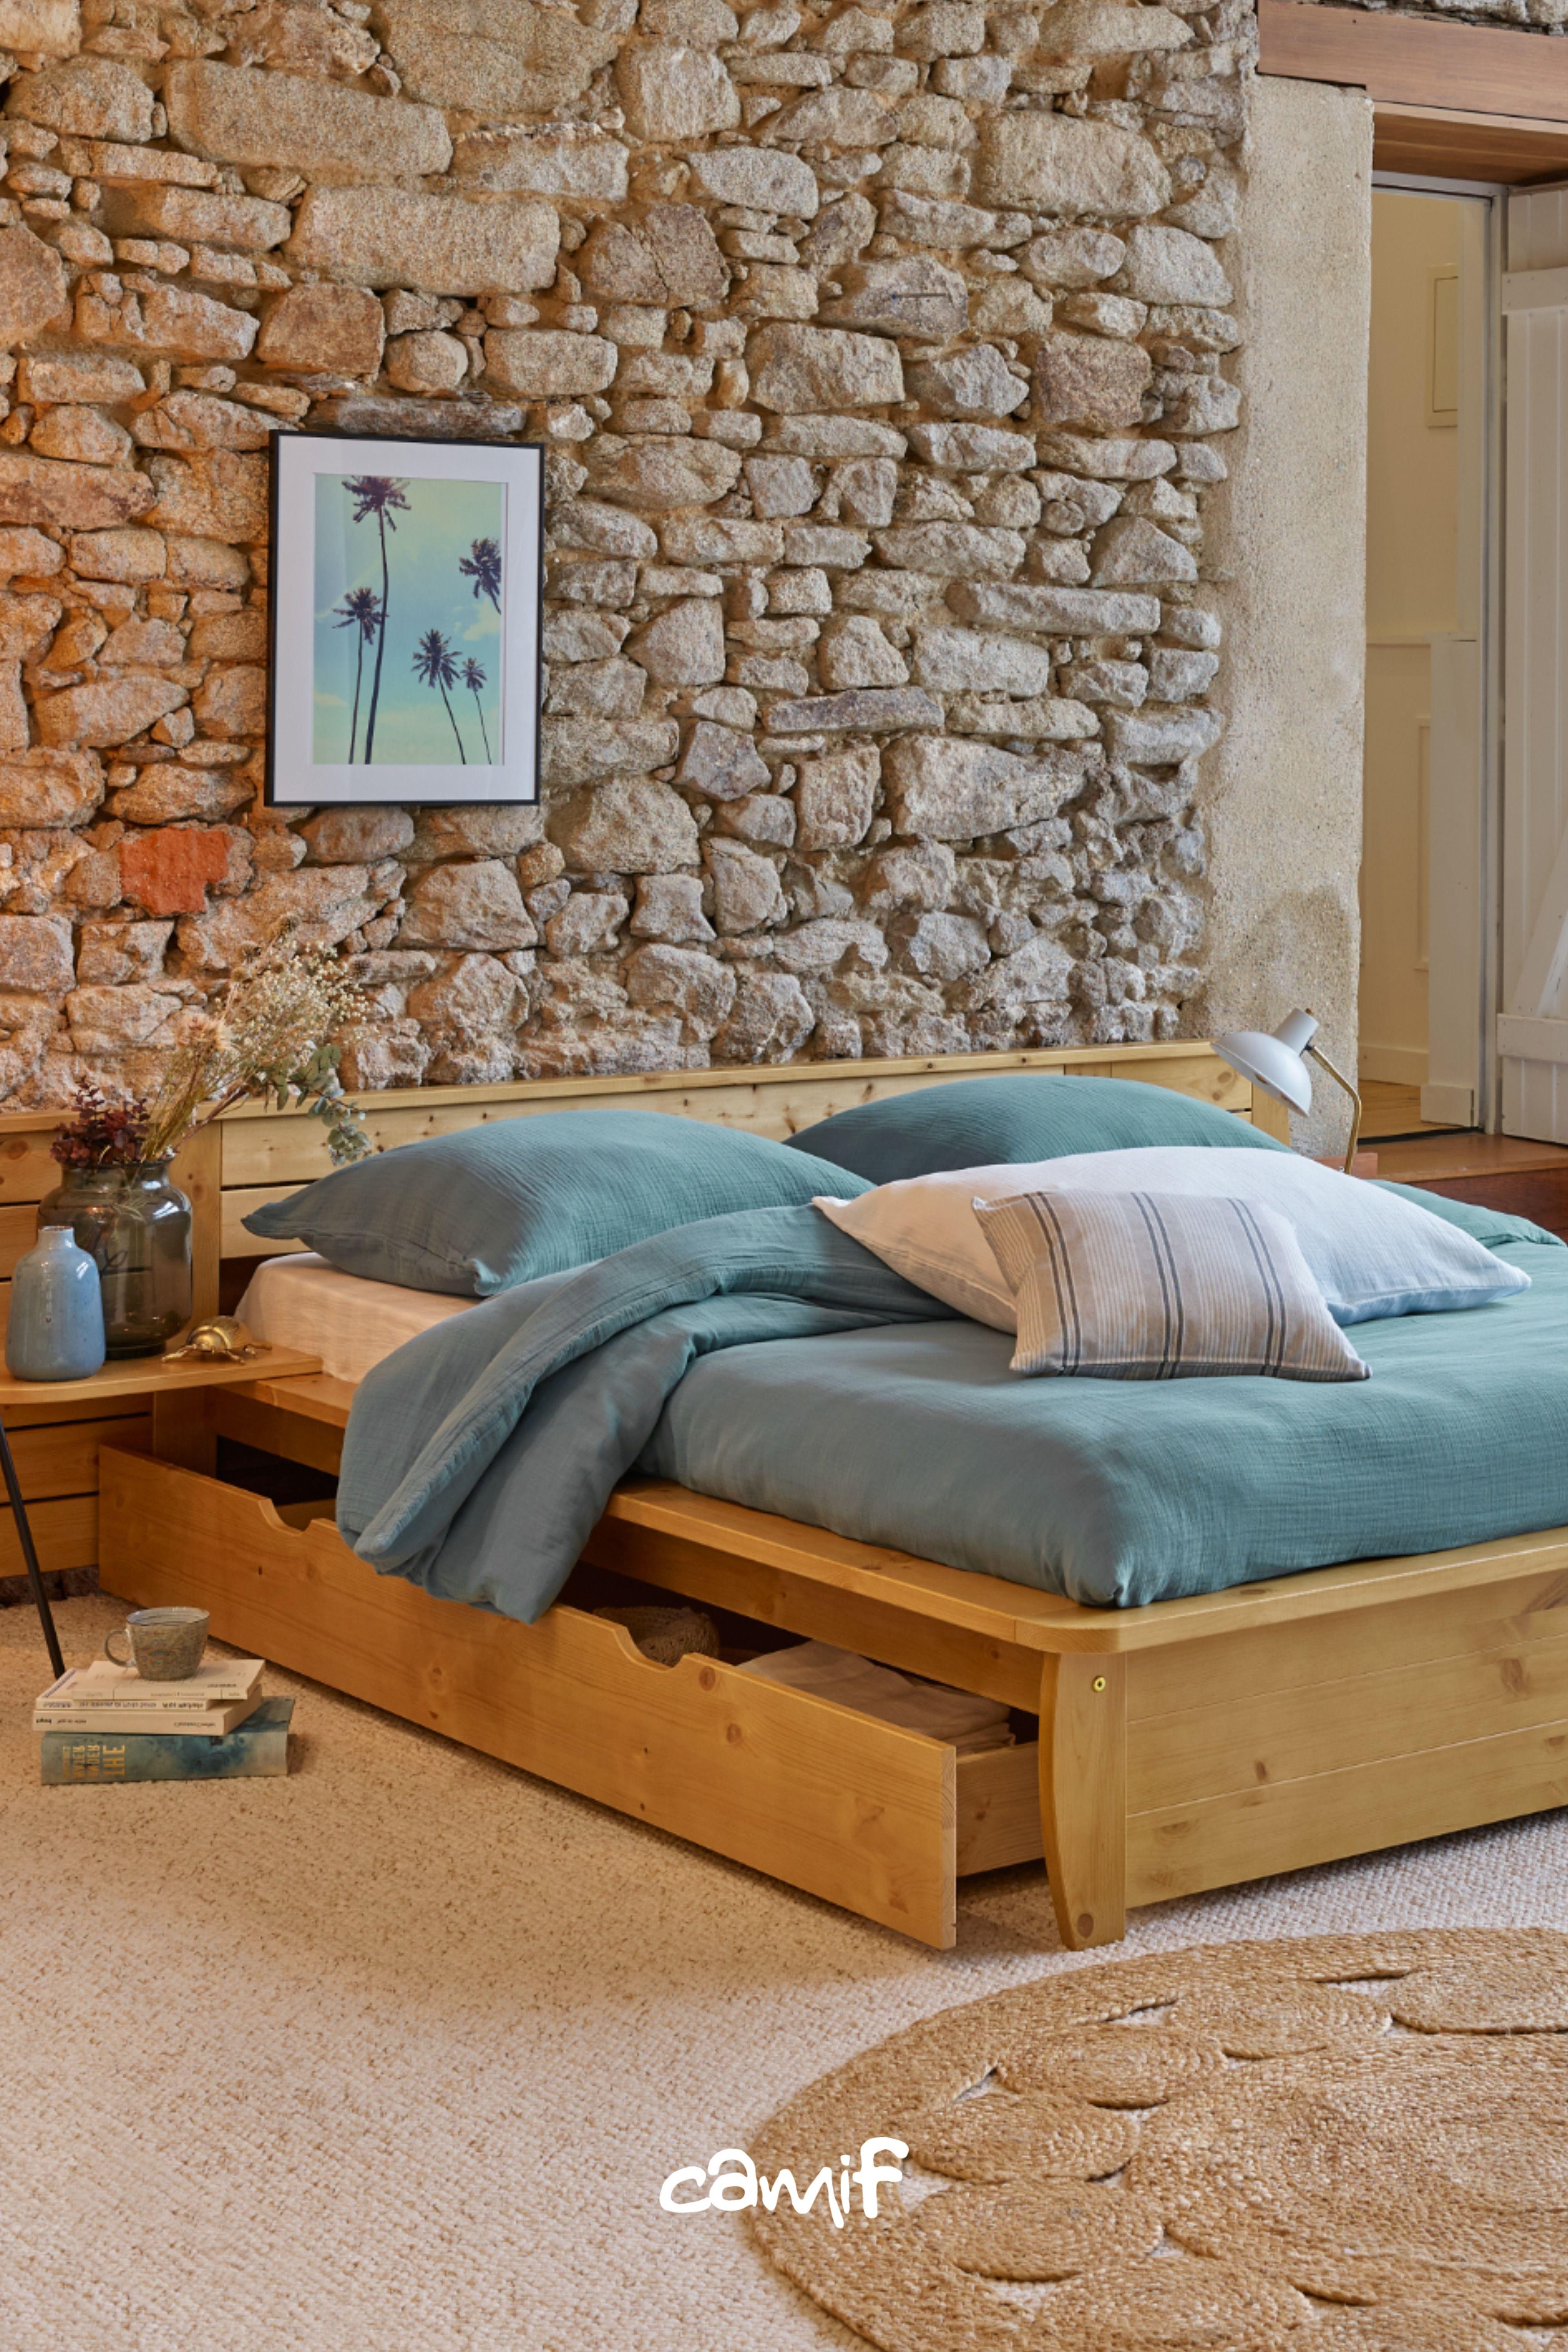 camif lit bois avec rangement lit complet lit decoration maison